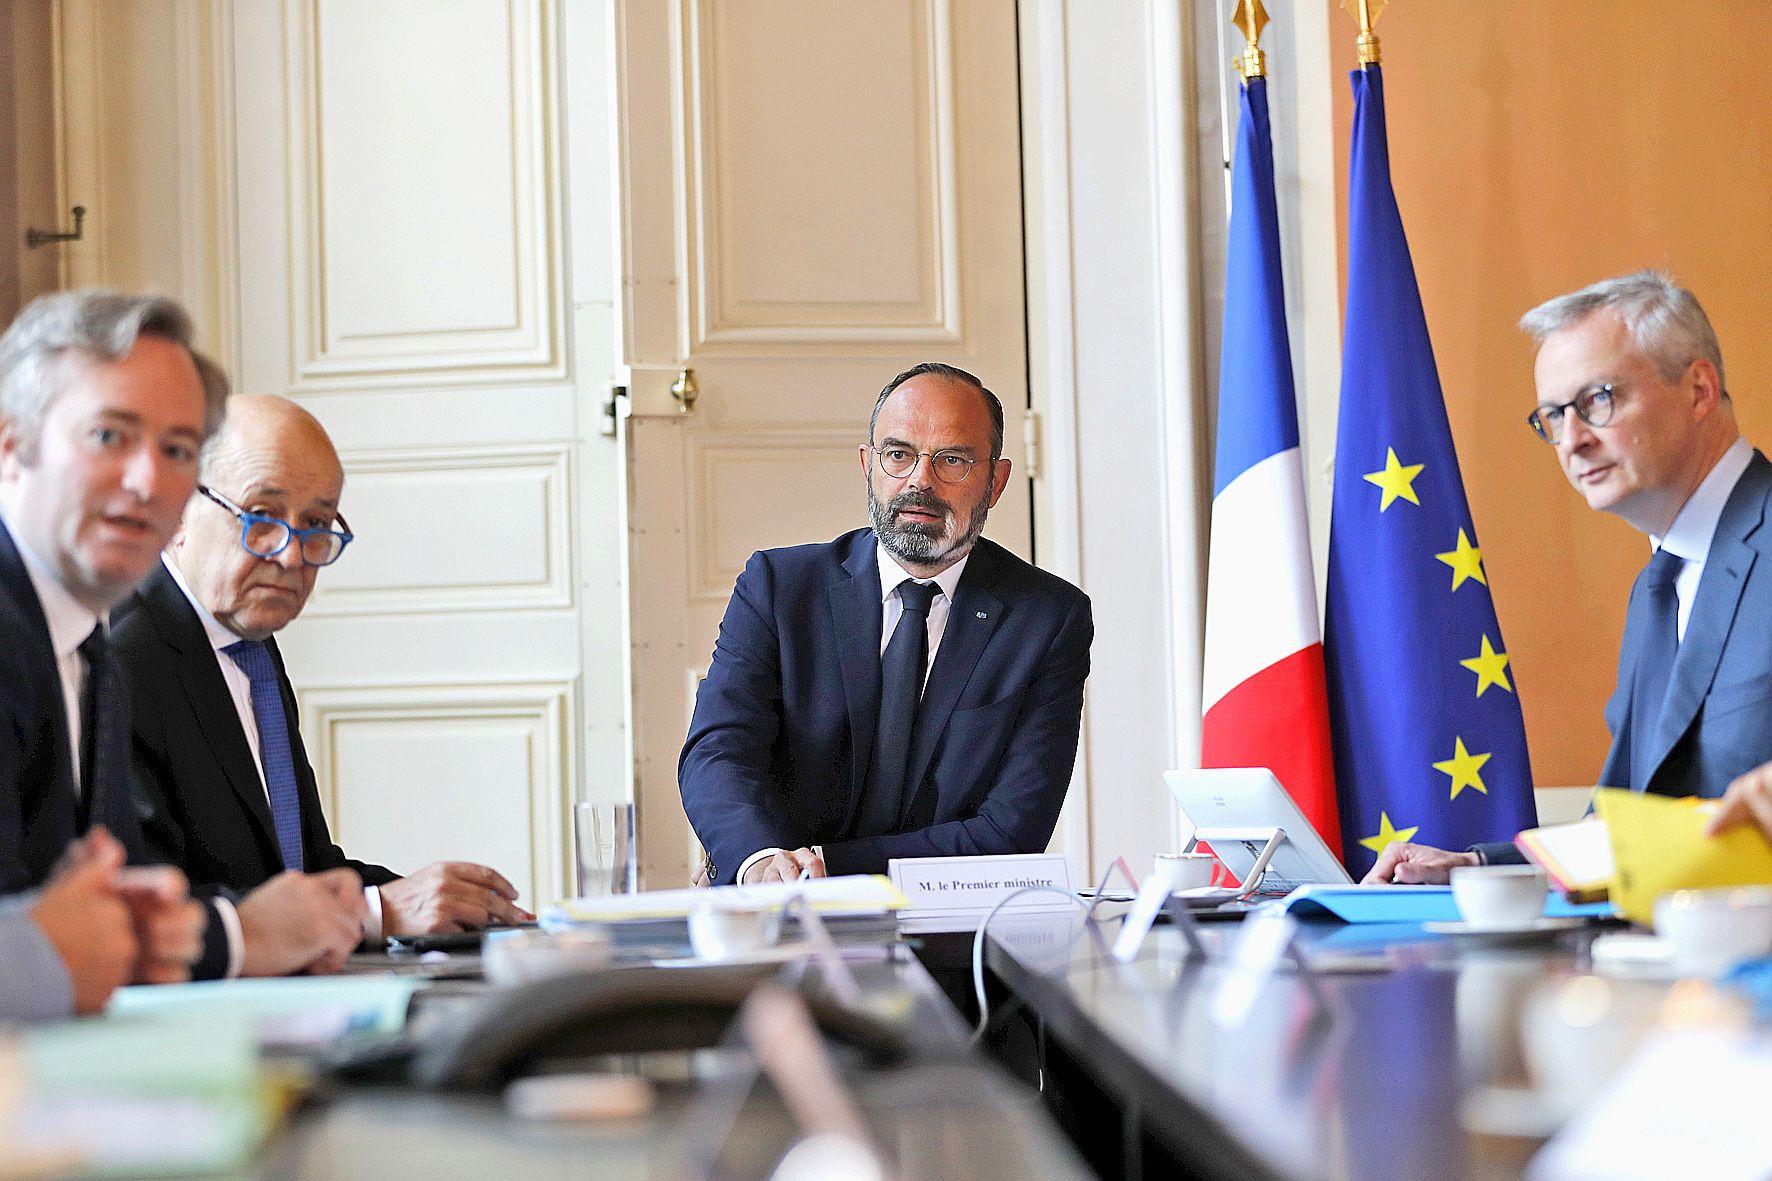 Le ministre de l'Economie, Bruno Le Maire (à droite), a commenté ce plan de relance qui viendrait en soutien de plusieurs secteurs.Photo AFP